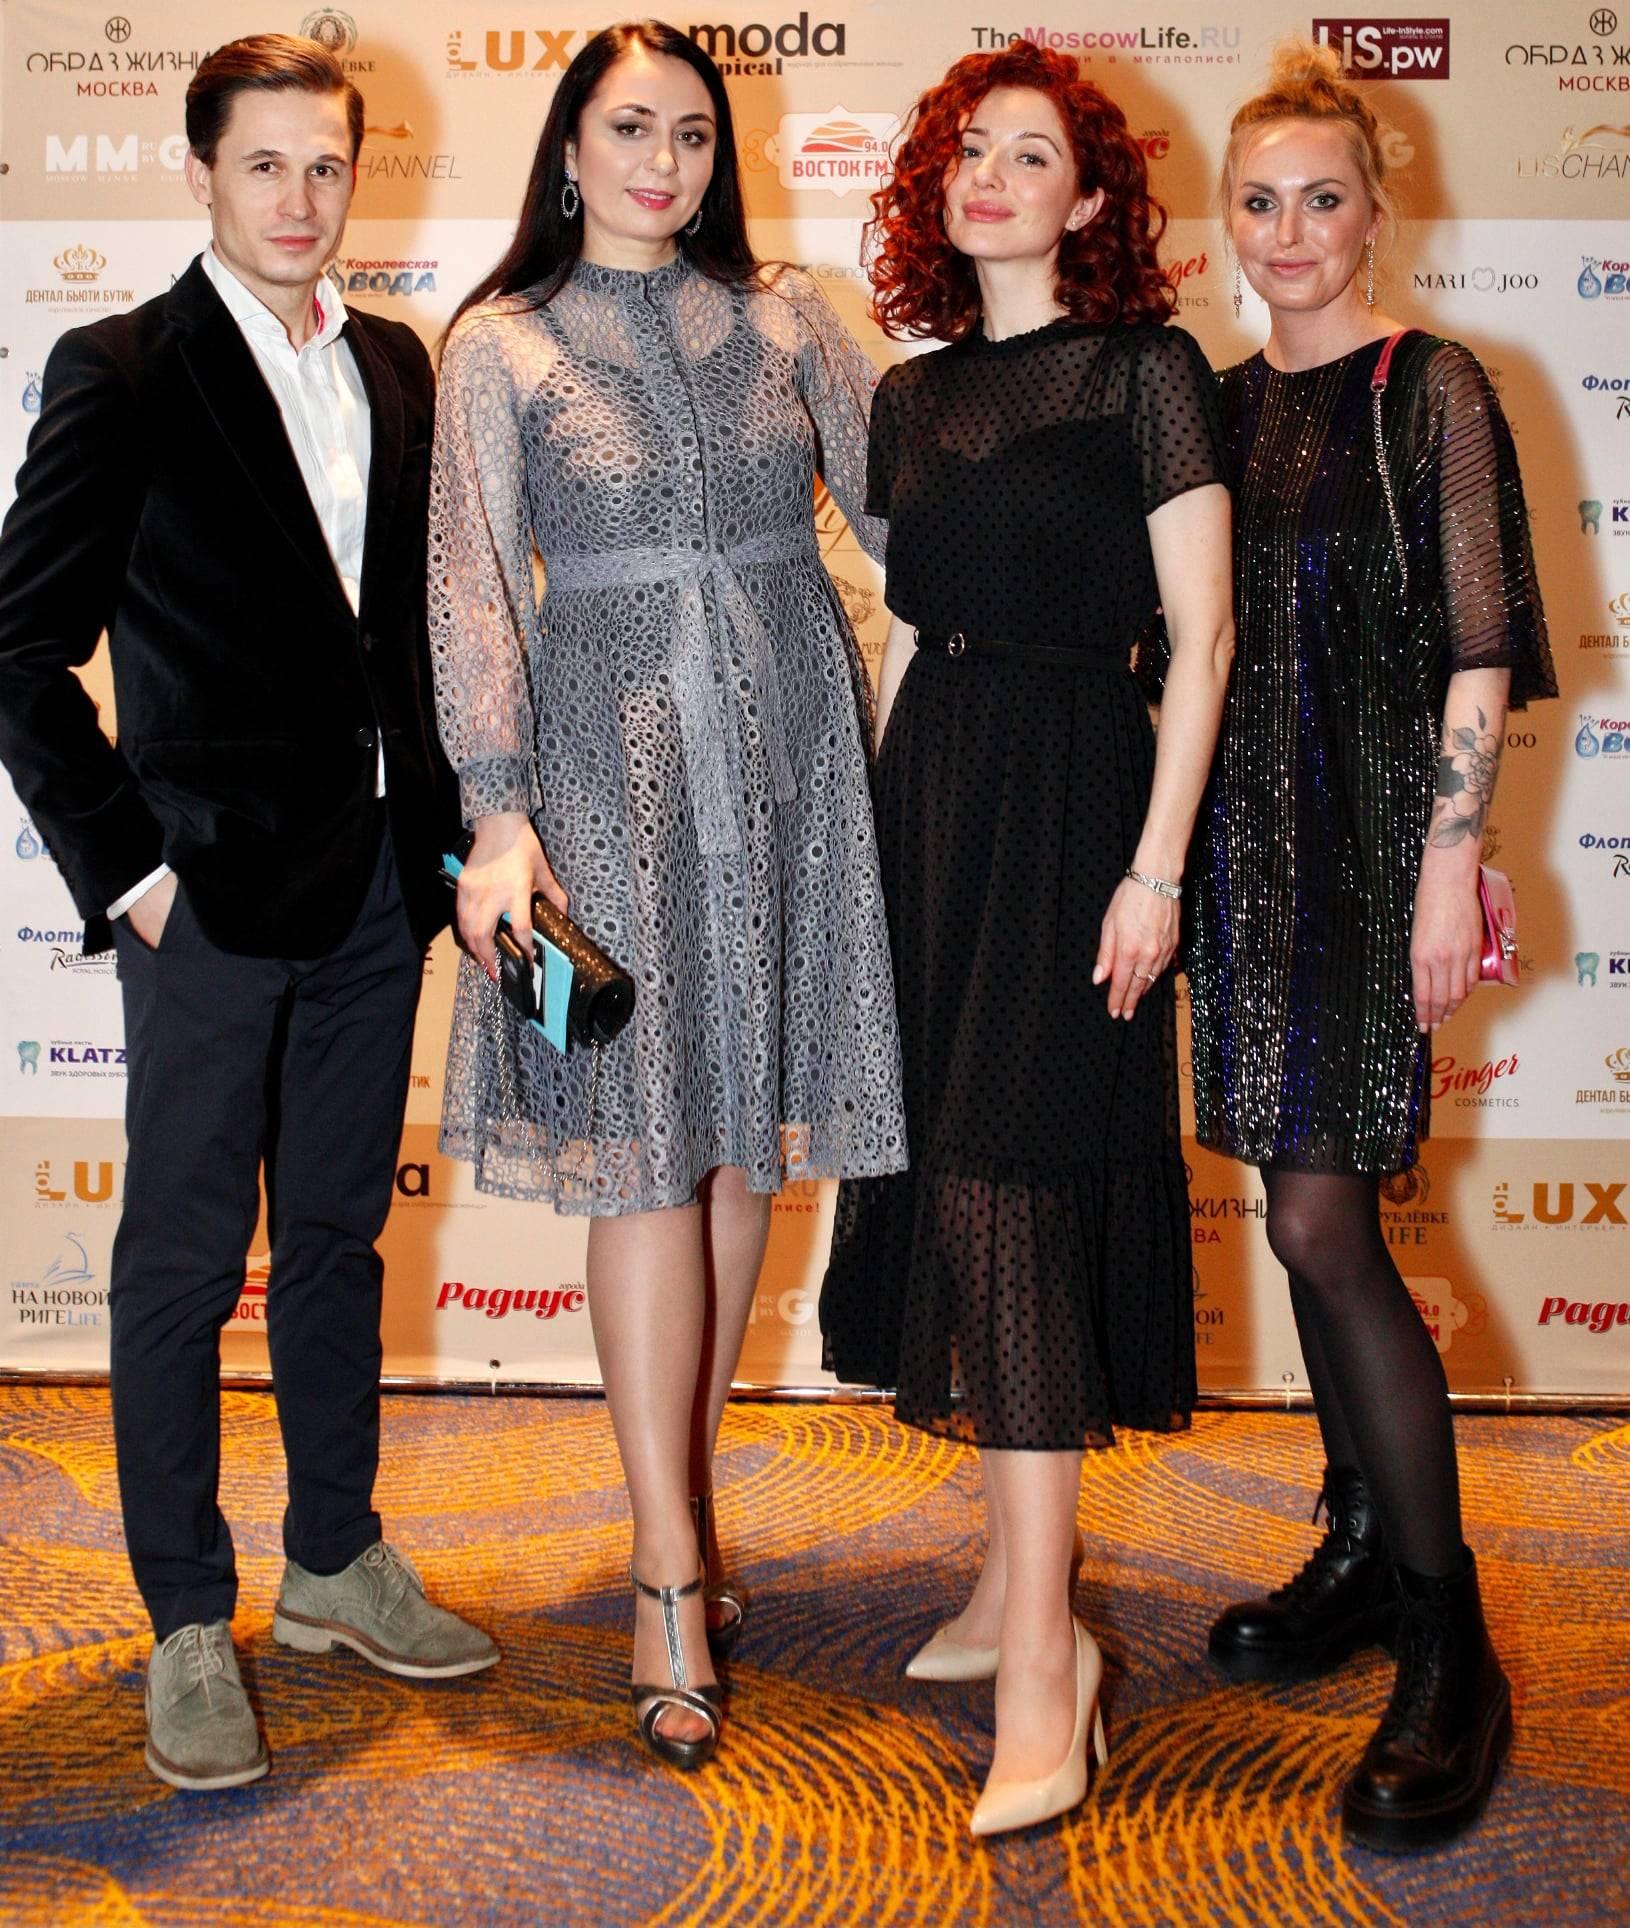 Четвертая премия The Moscow Life & Business Awards пройдет в Москве